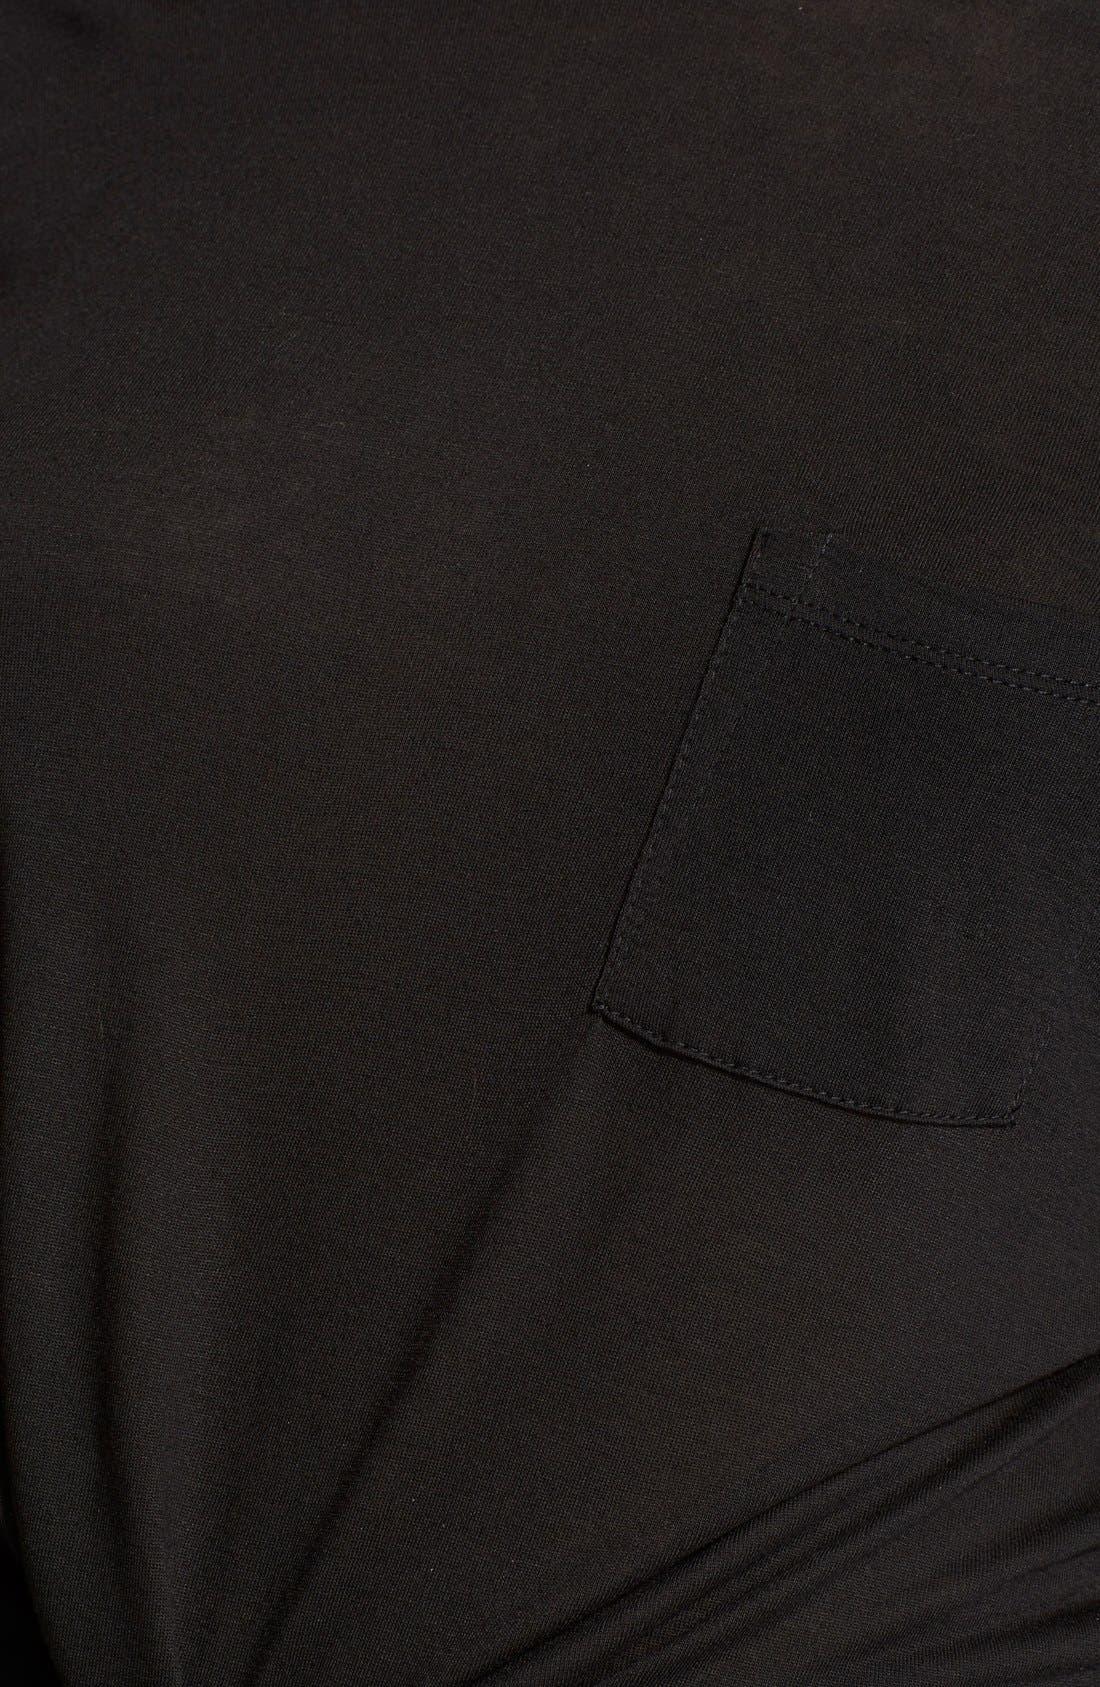 Long Sleeve Pocket Tee,                             Alternate thumbnail 4, color,                             001